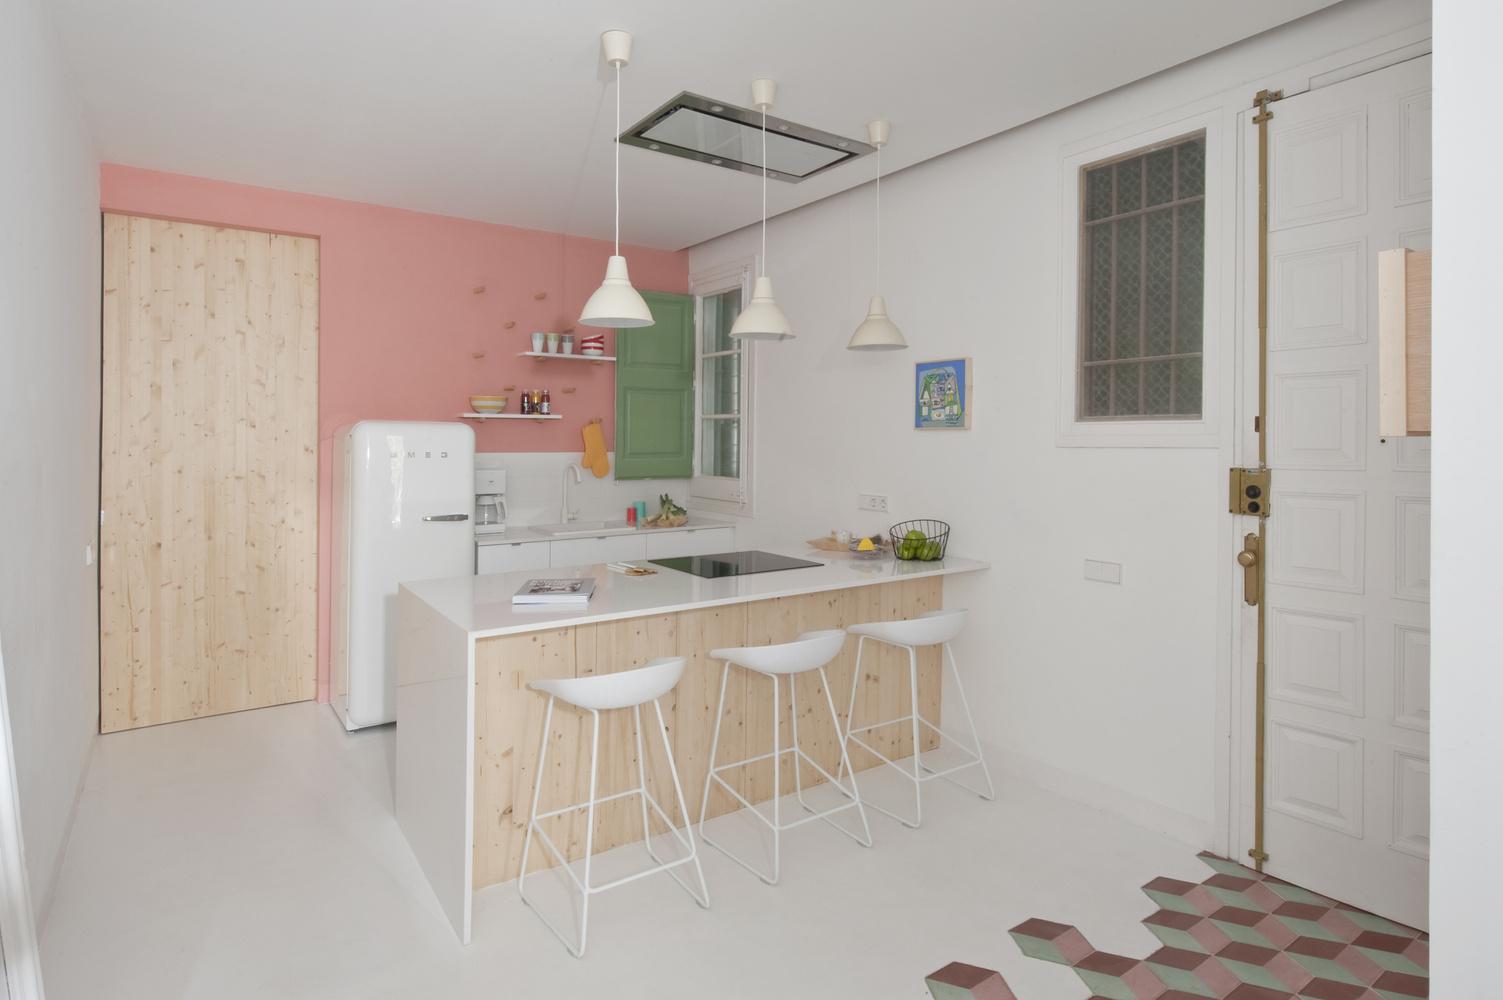 Apartmán v Barcelone zrekonštruovali s ohľadom na pôvodný secesný charakter